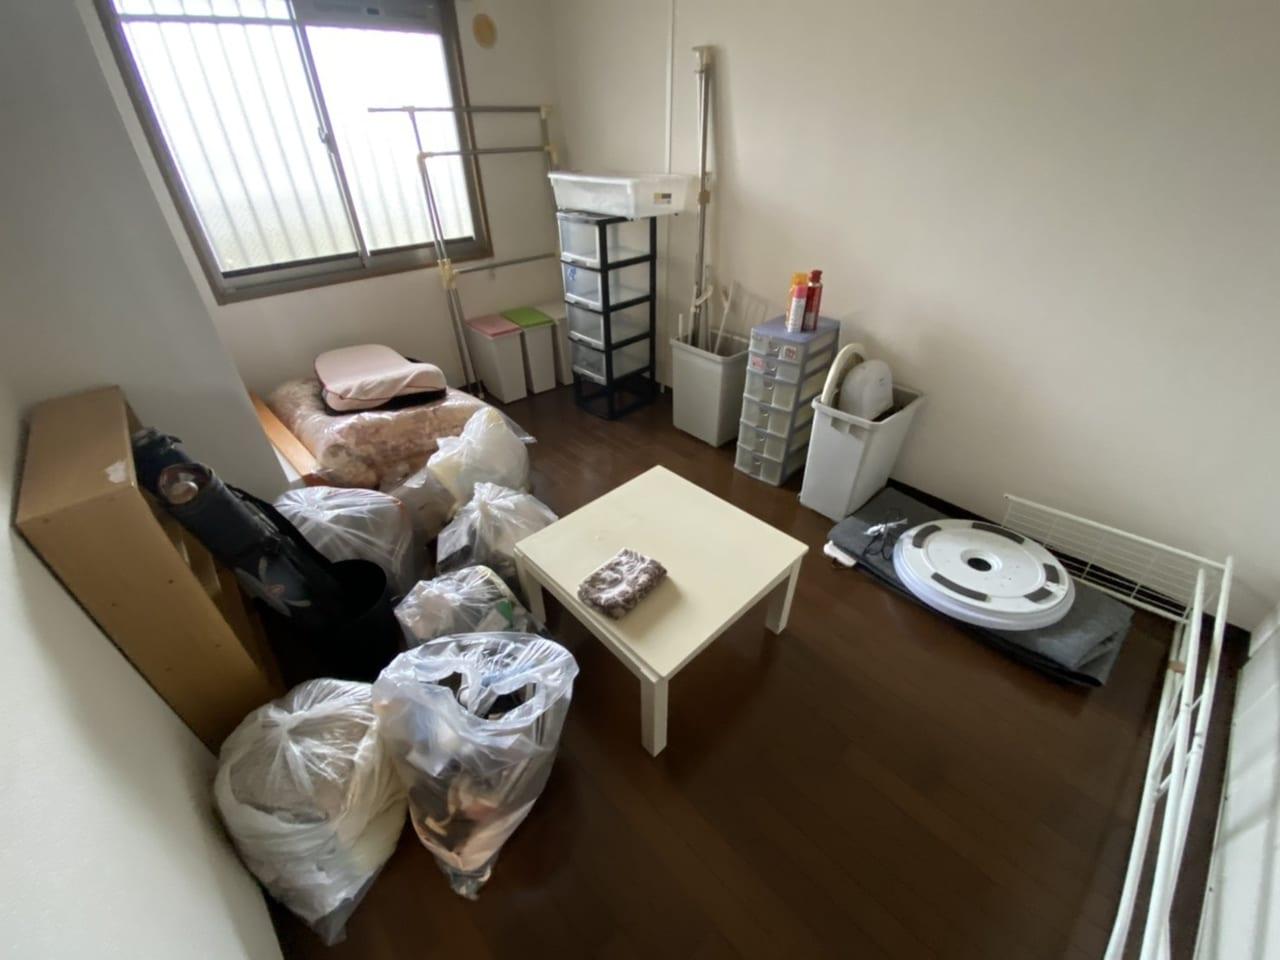 岐阜県大垣市周辺のI様の回収事例